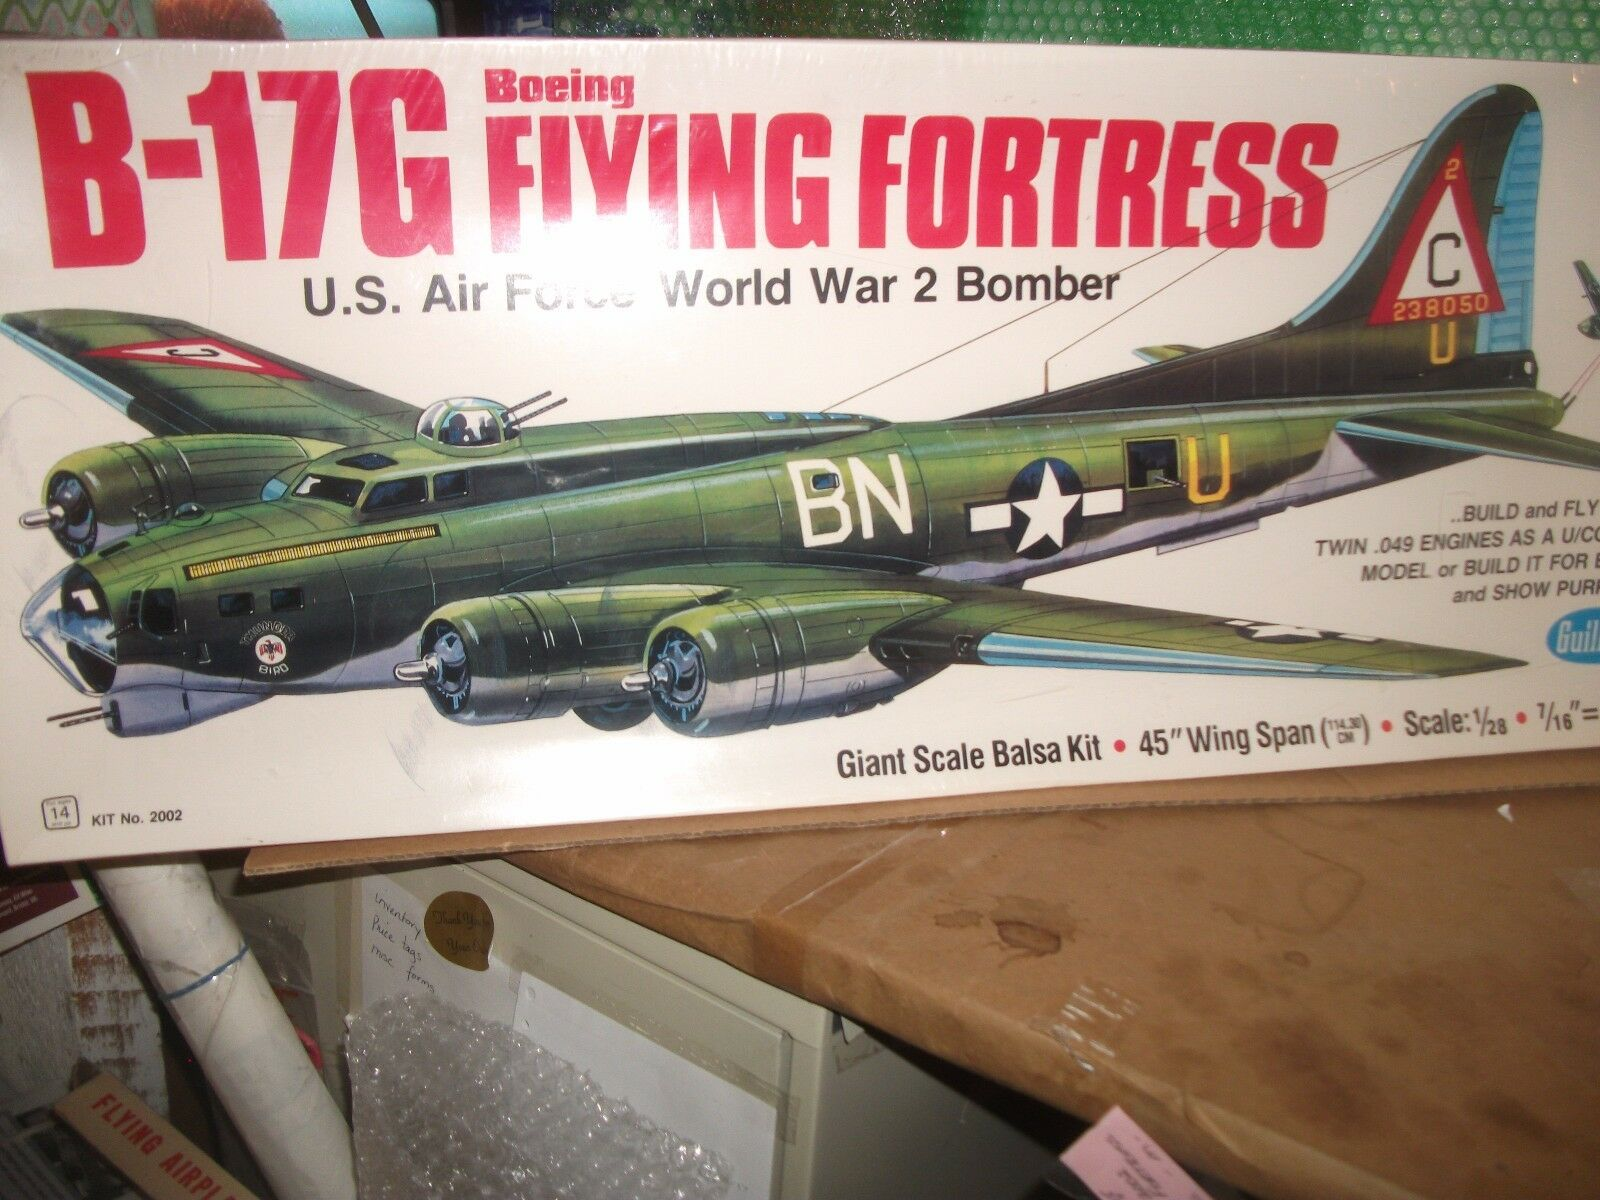 B -17G Boeing flygagaing Fortress modellllerlerl Kit av Guillågs